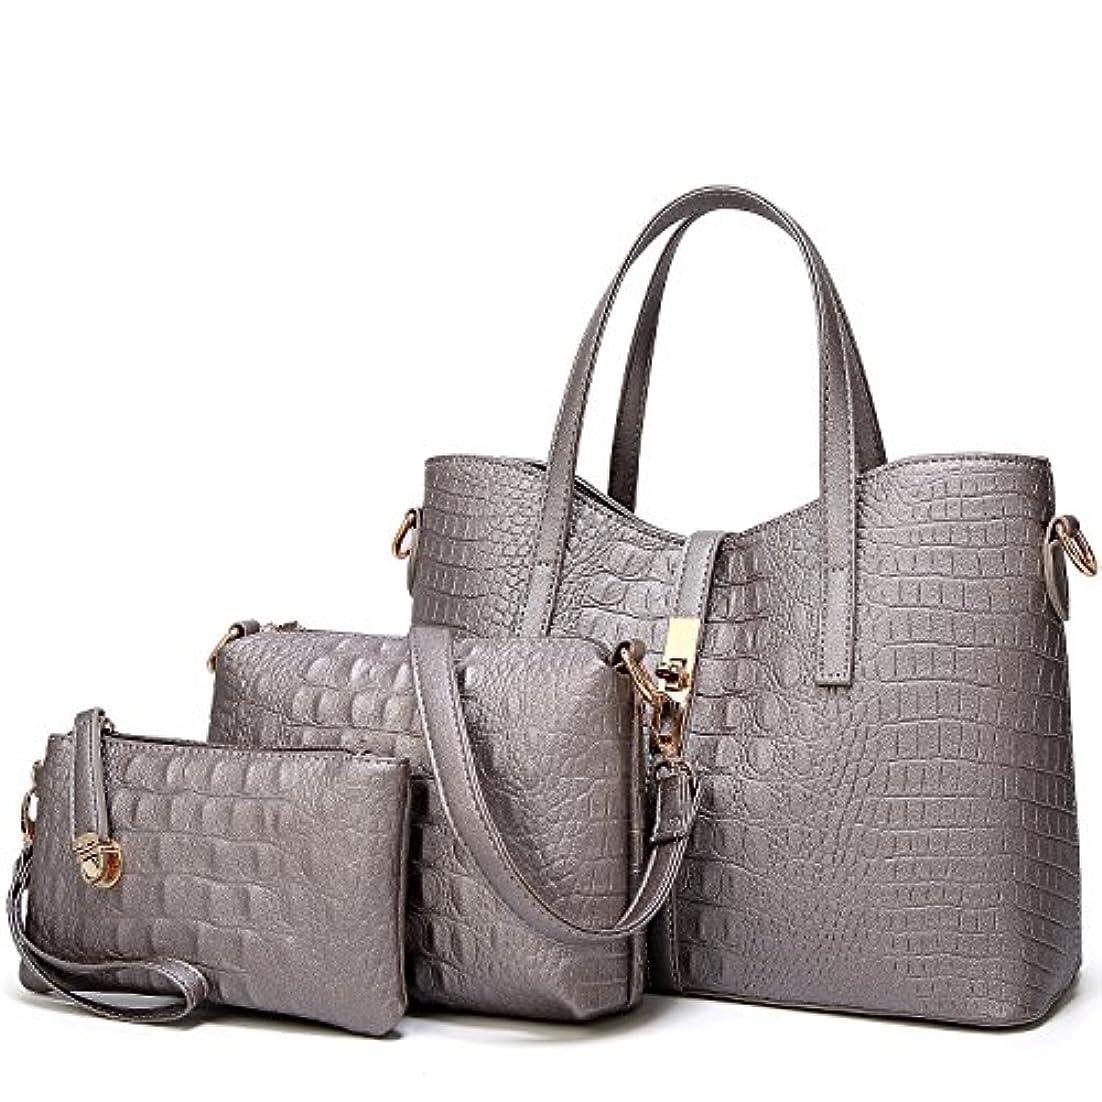 アンプ出口審判[TcIFE] ハンドバッグ レディース トートバッグ 大容量 無地 ショルダーバッグ 2way 財布とハンドバッグ